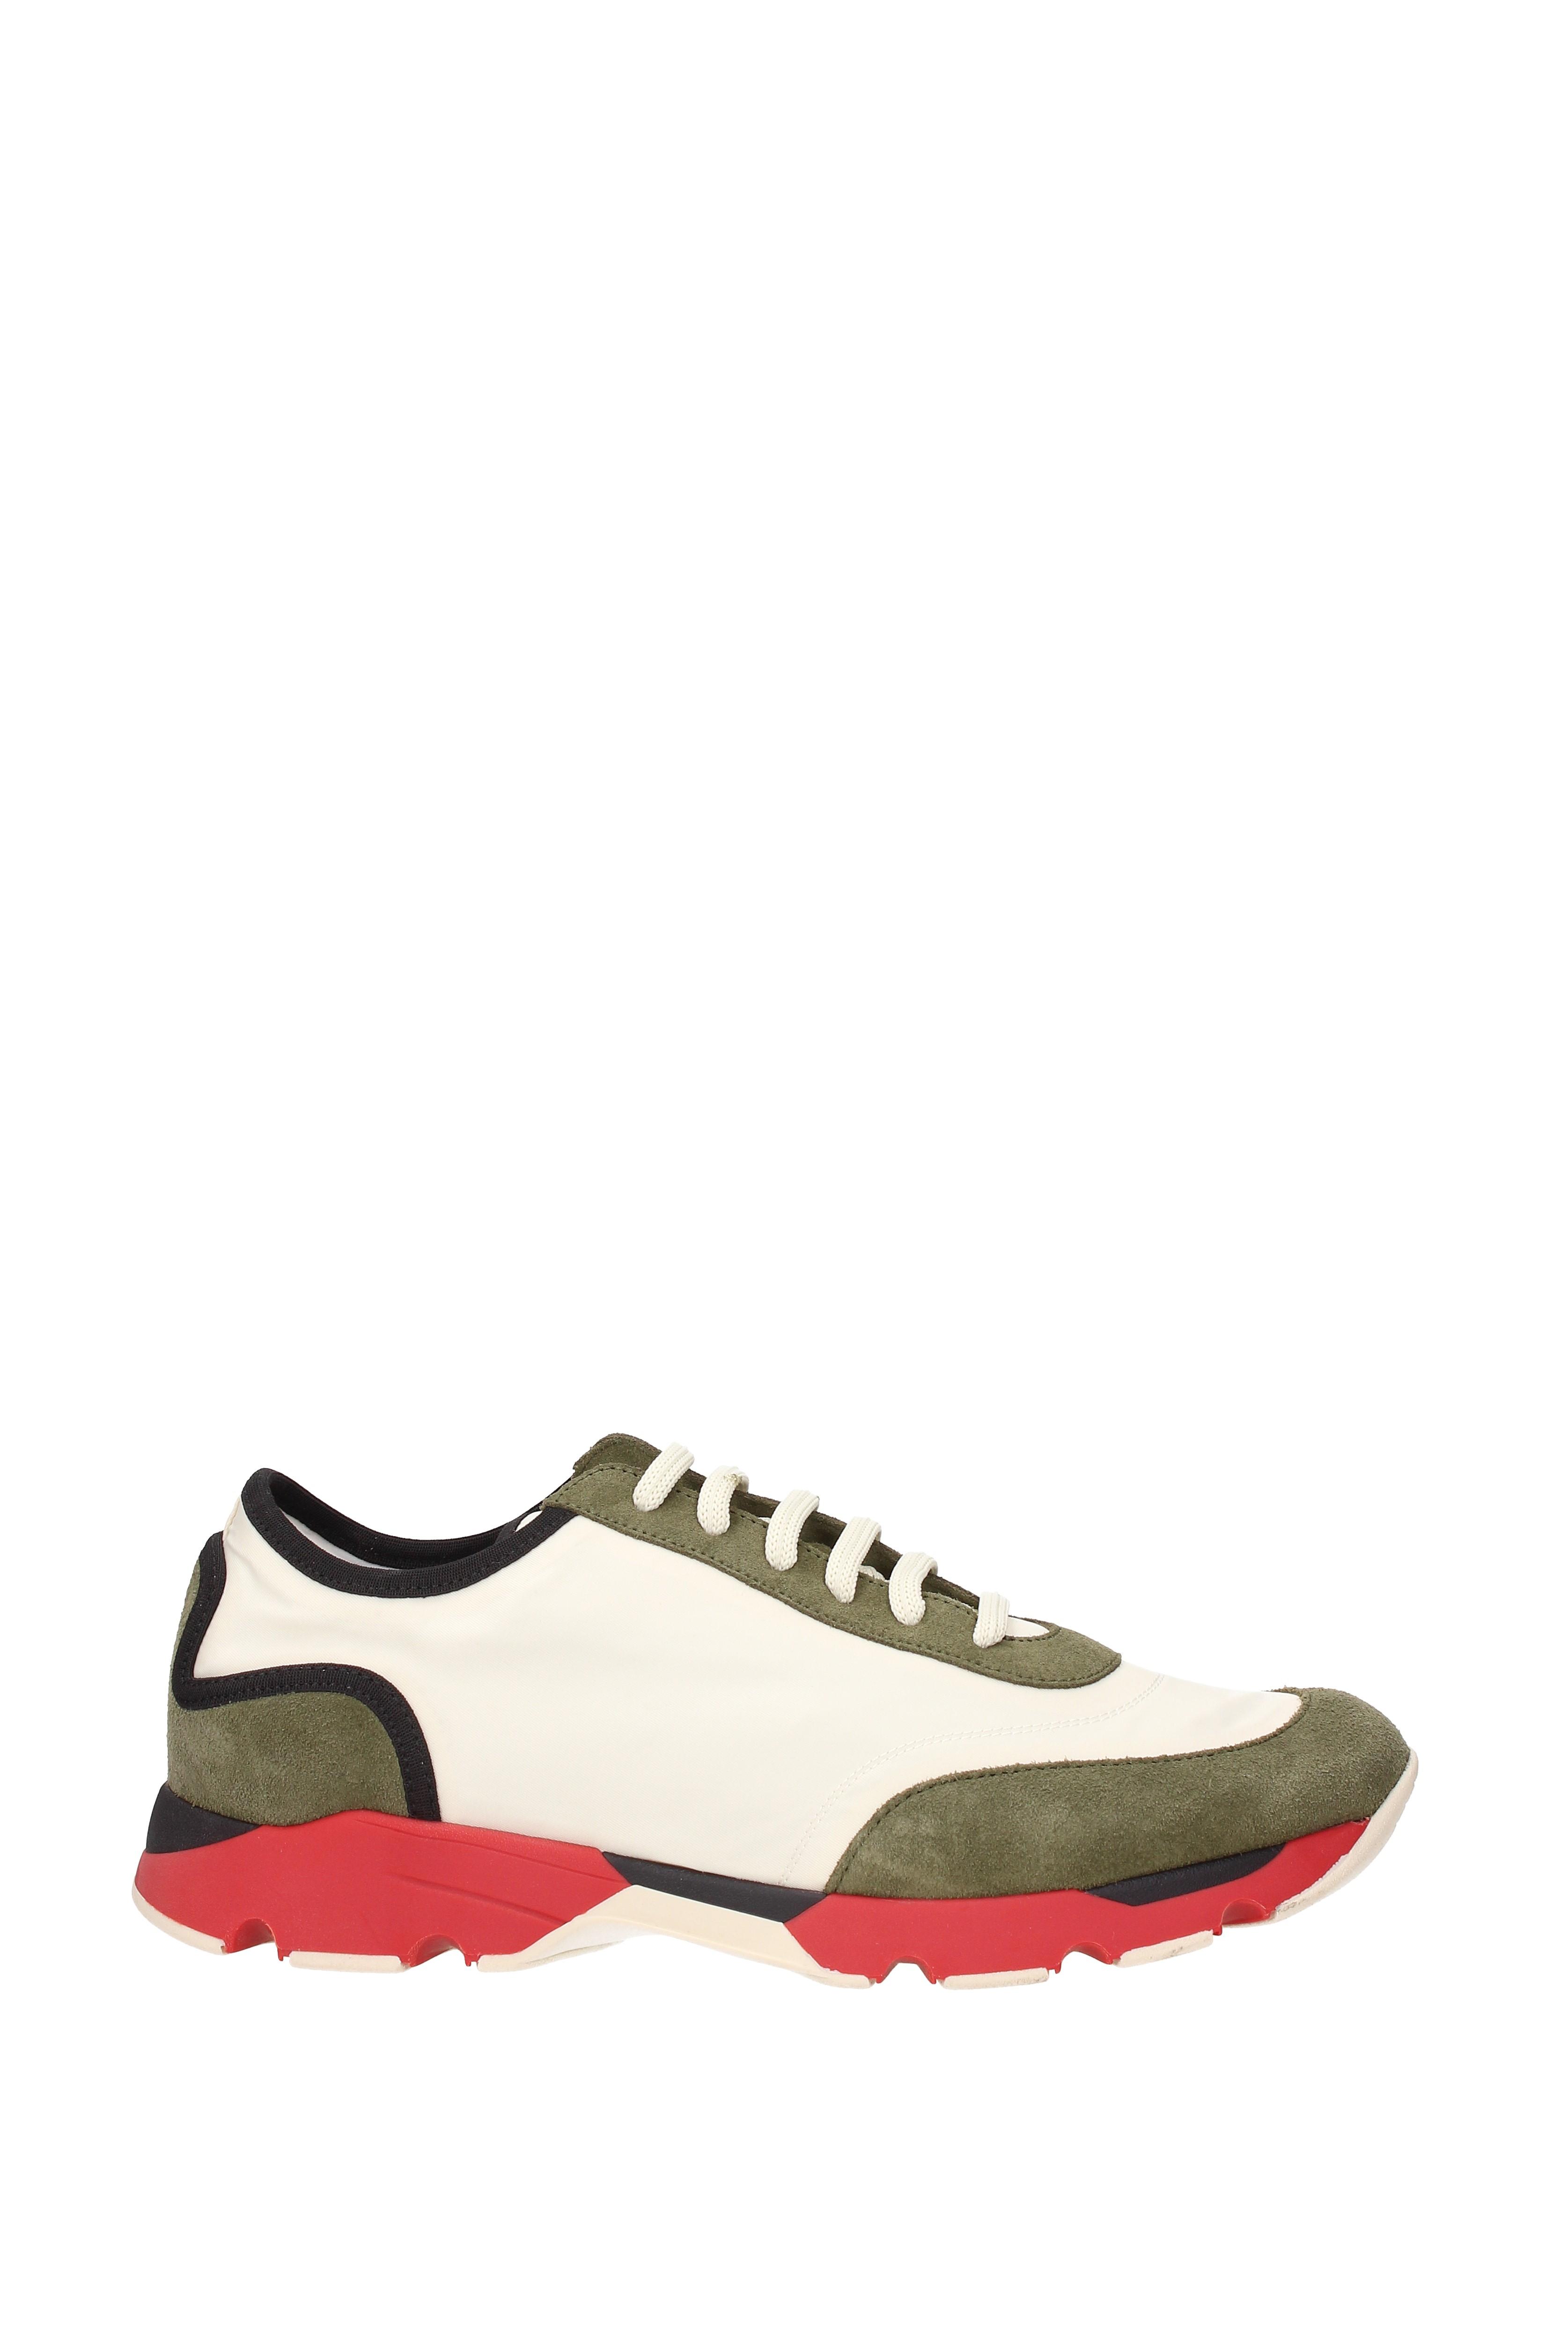 Scarpe casual da uomo  Sneakers Marni uomo - Fabric  (M24WS0022S47673)